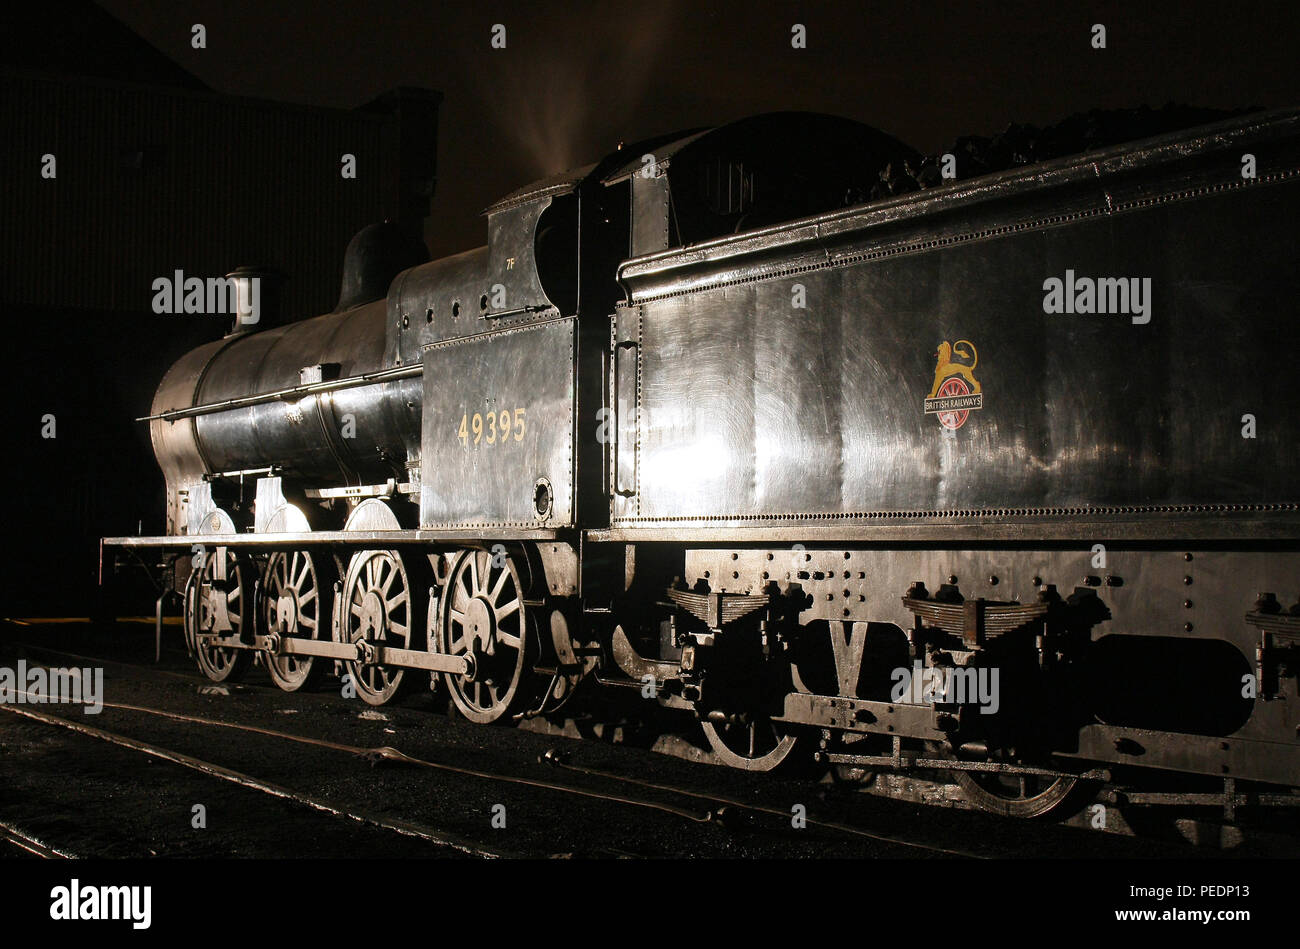 49395 on Buckley Wells shed Bury on the East Lancs railway 22.10.11 - Stock Image